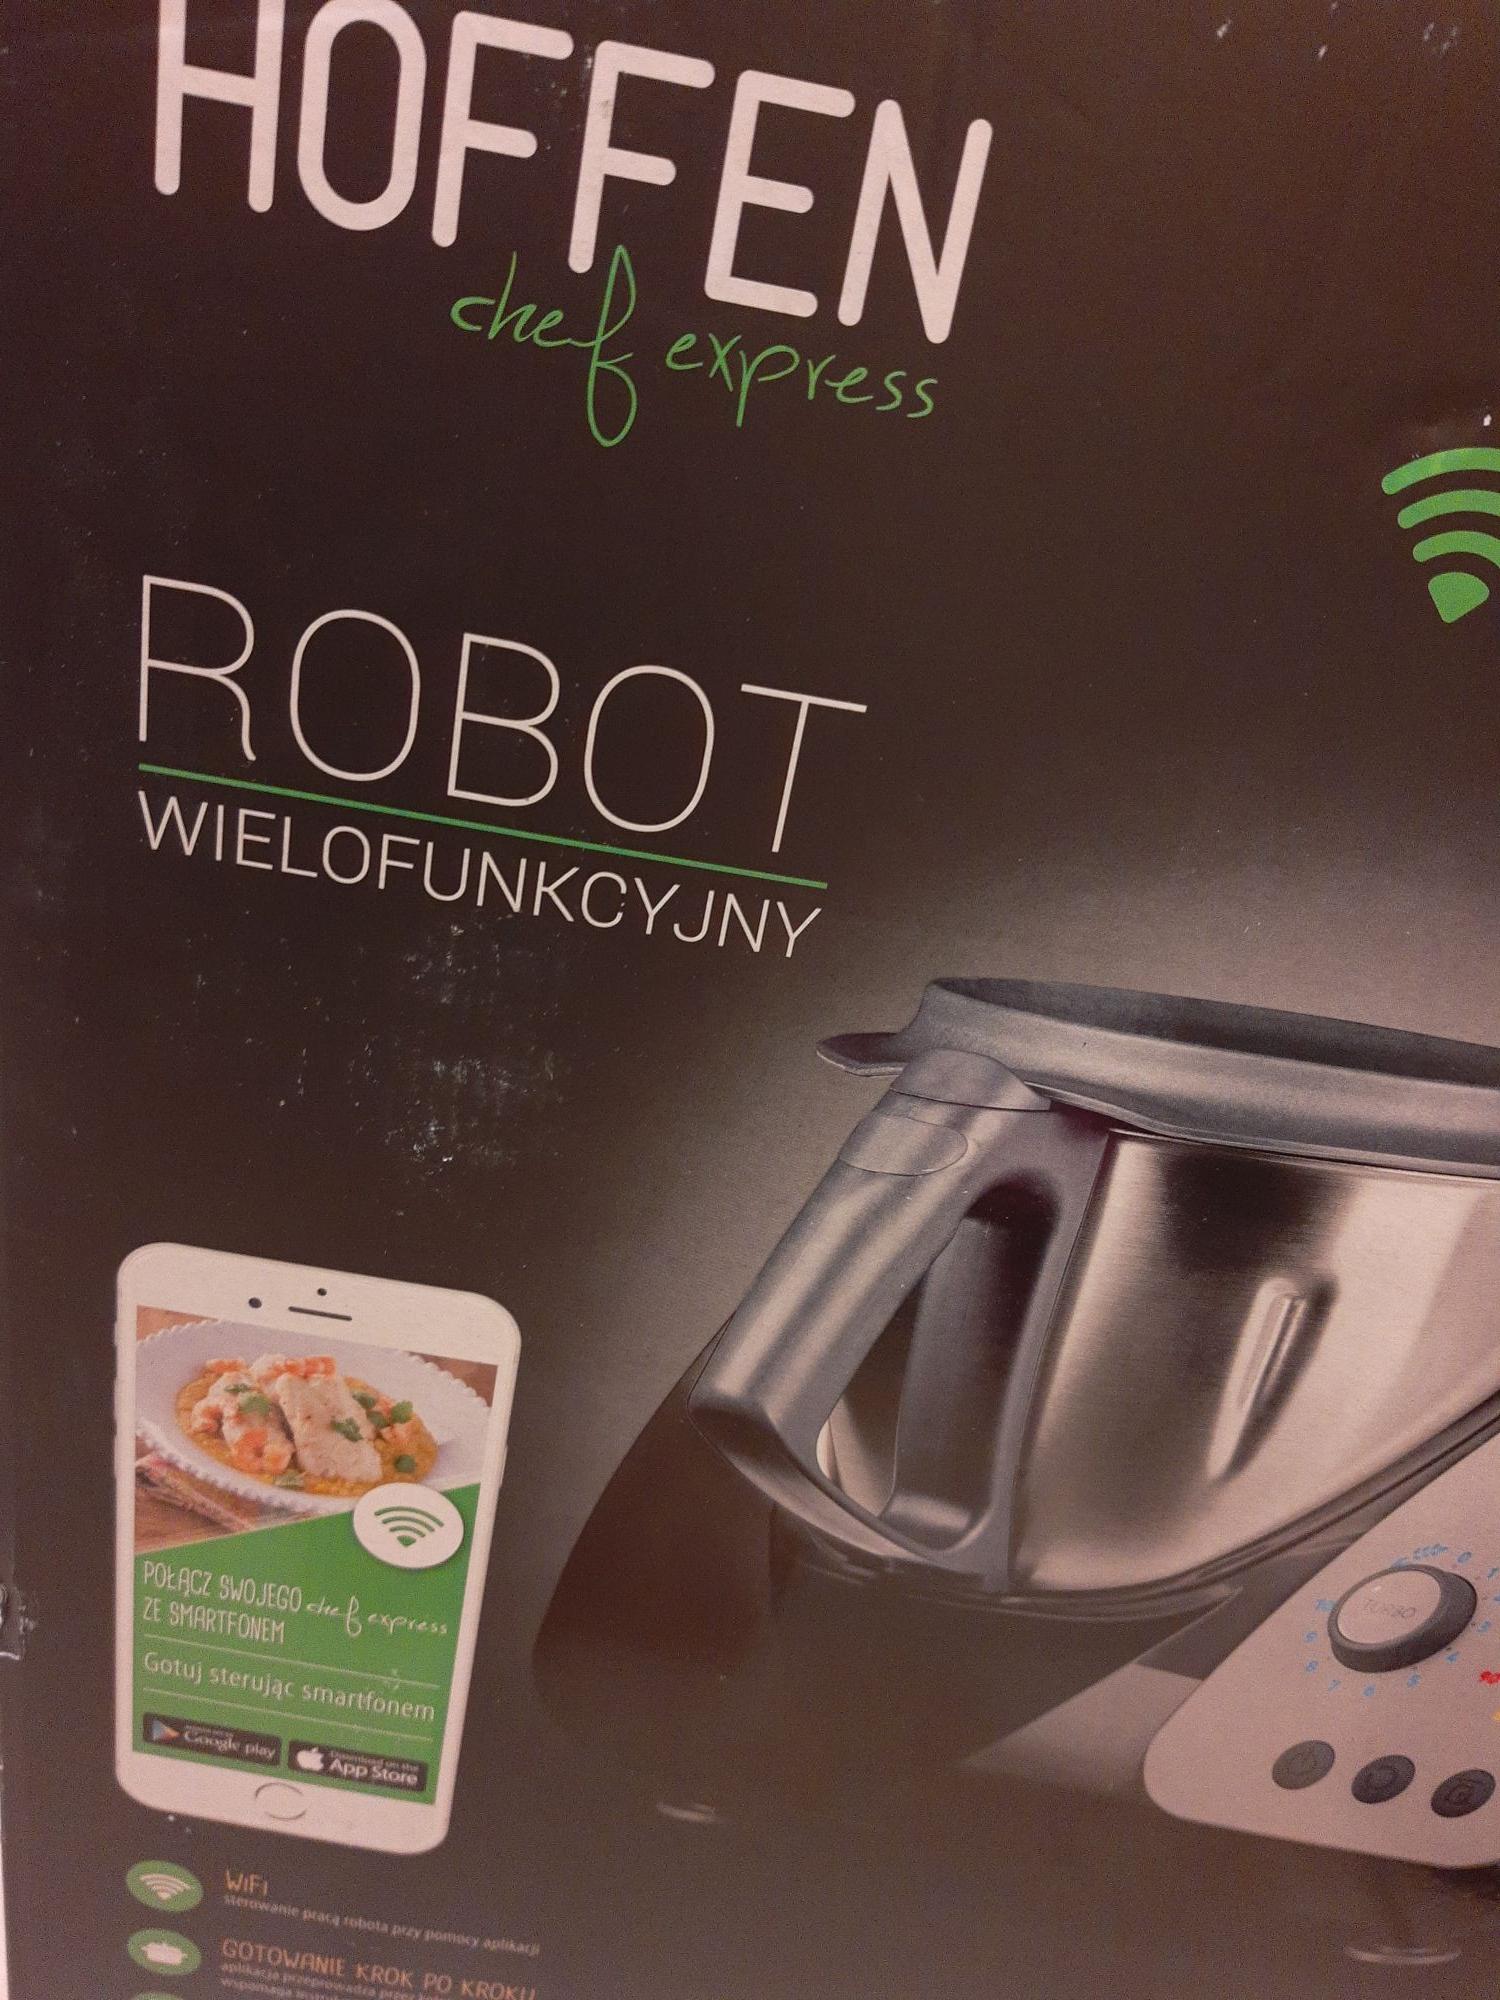 Robot Hoffen z Wi-Fi w Biedronce  Inowrocław podobne funkcje co Thermomix